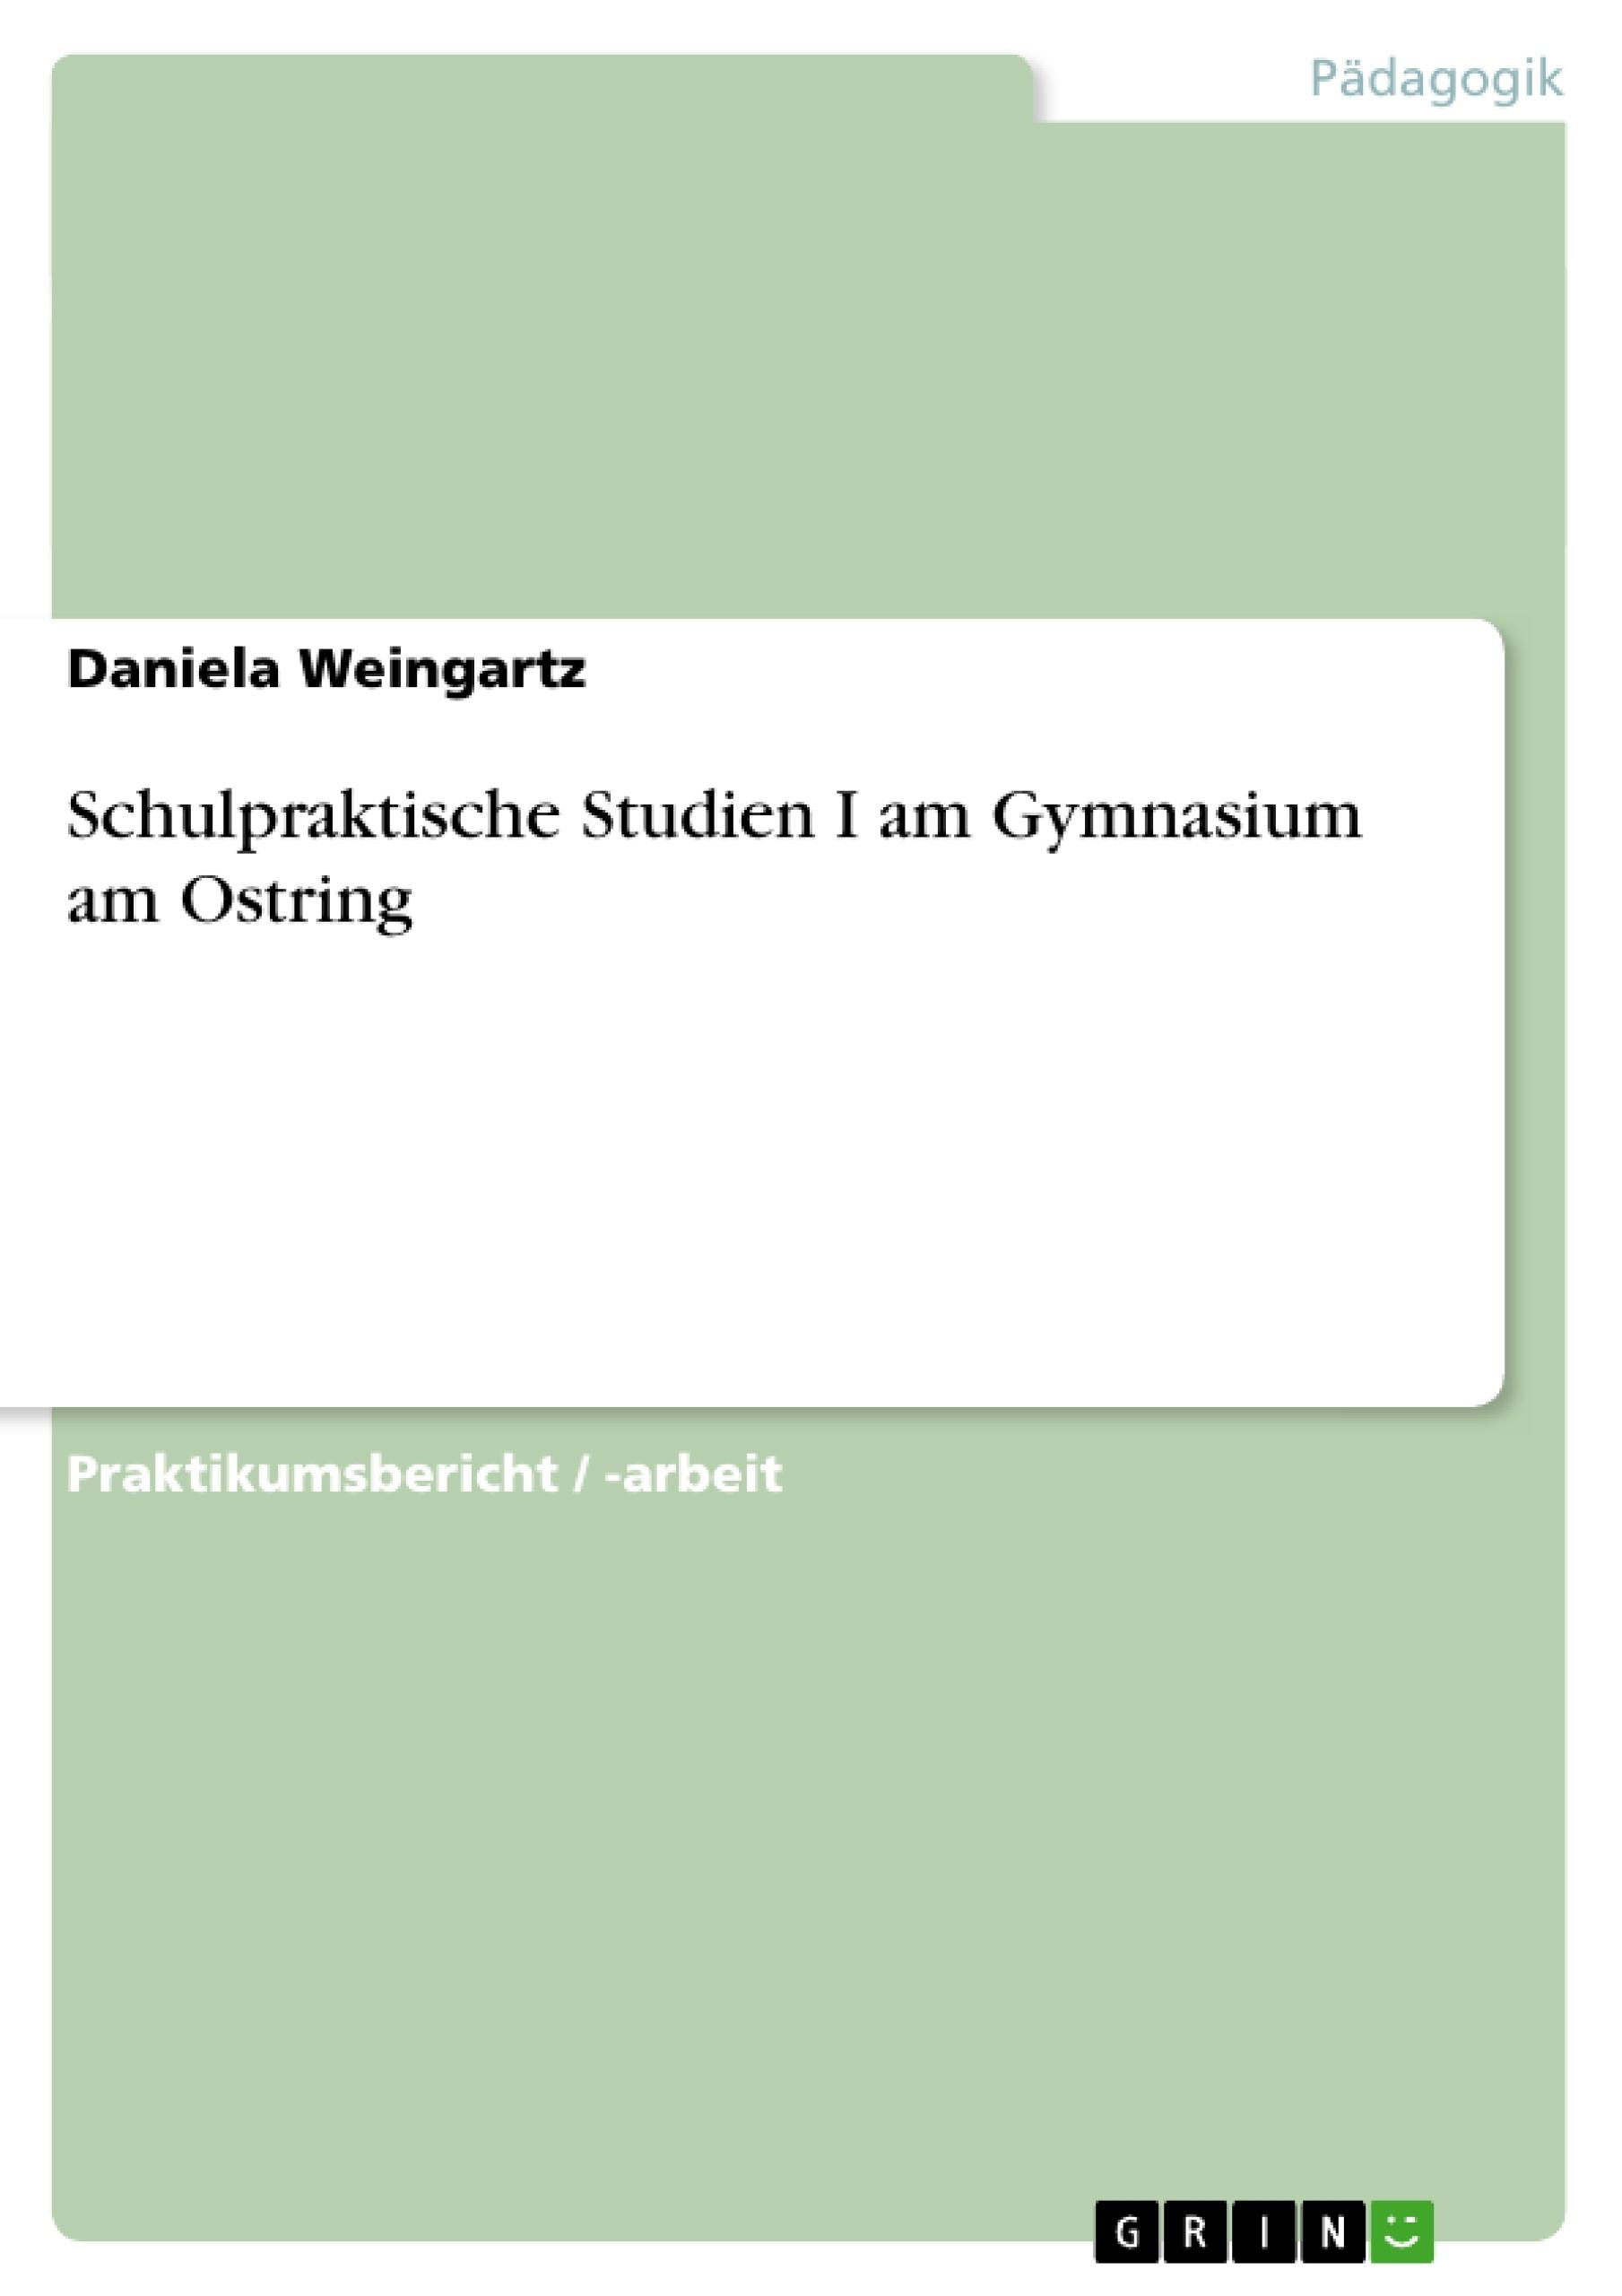 Titel: Schulpraktische Studien I am Gymnasium am Ostring